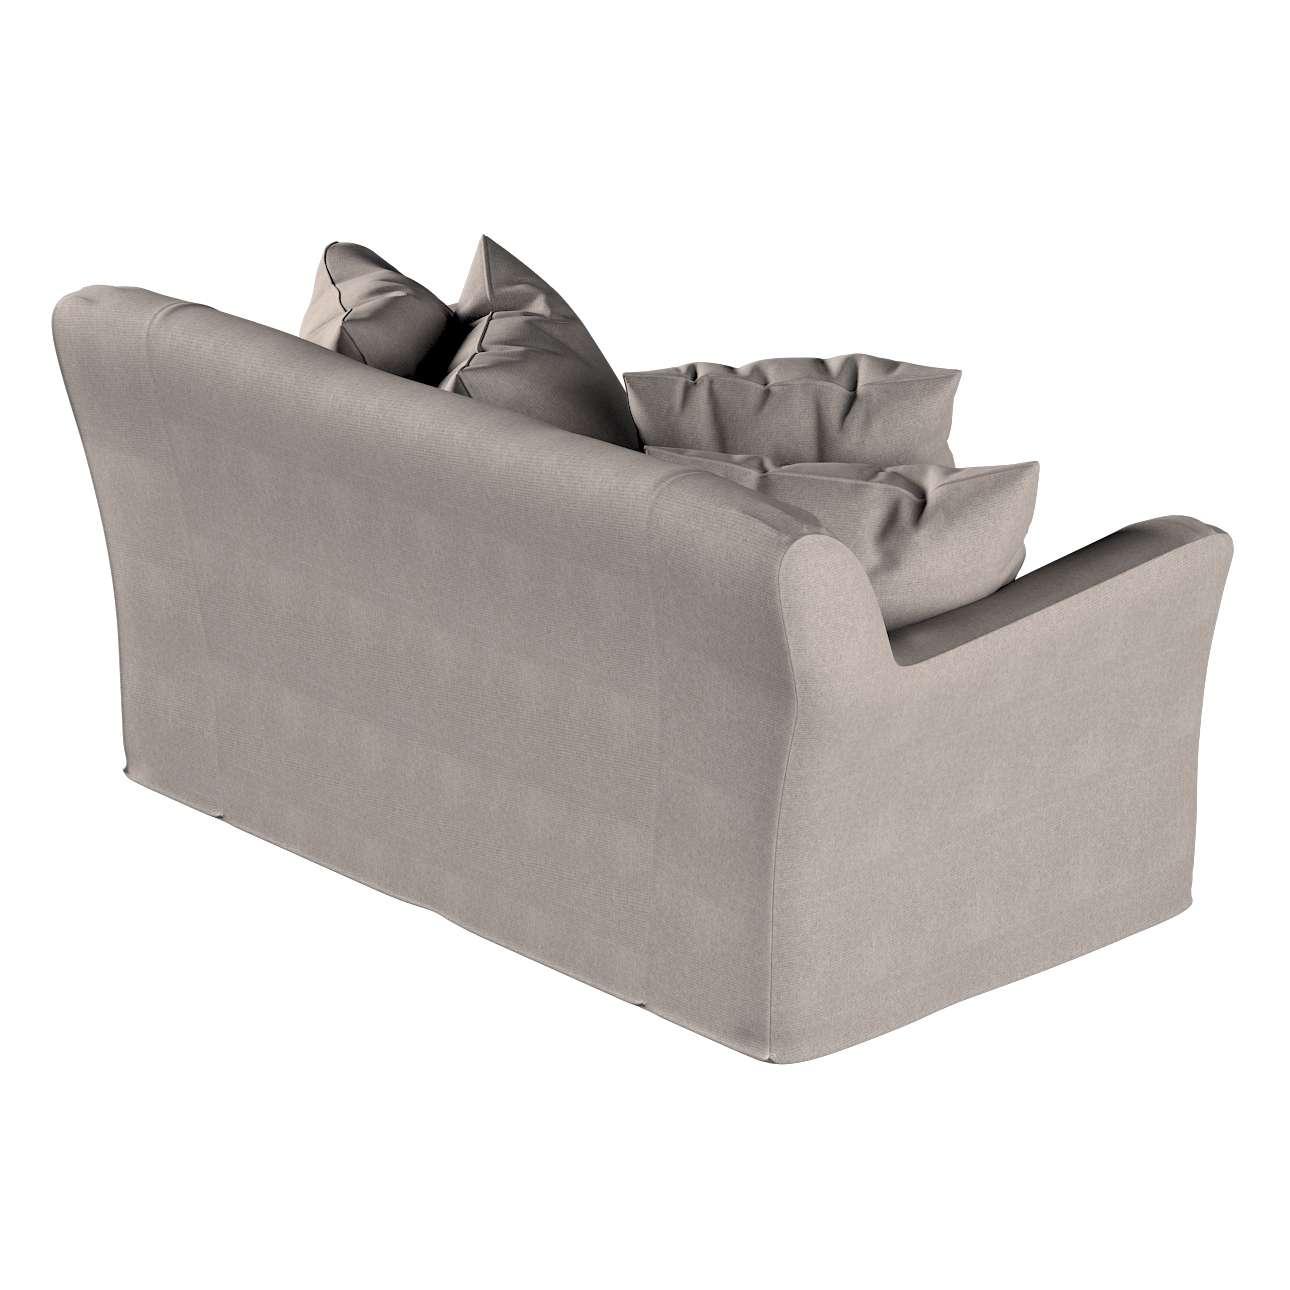 Pokrowiec na sofę Tomelilla 2-osobową nierozkładaną w kolekcji Etna, tkanina: 705-09